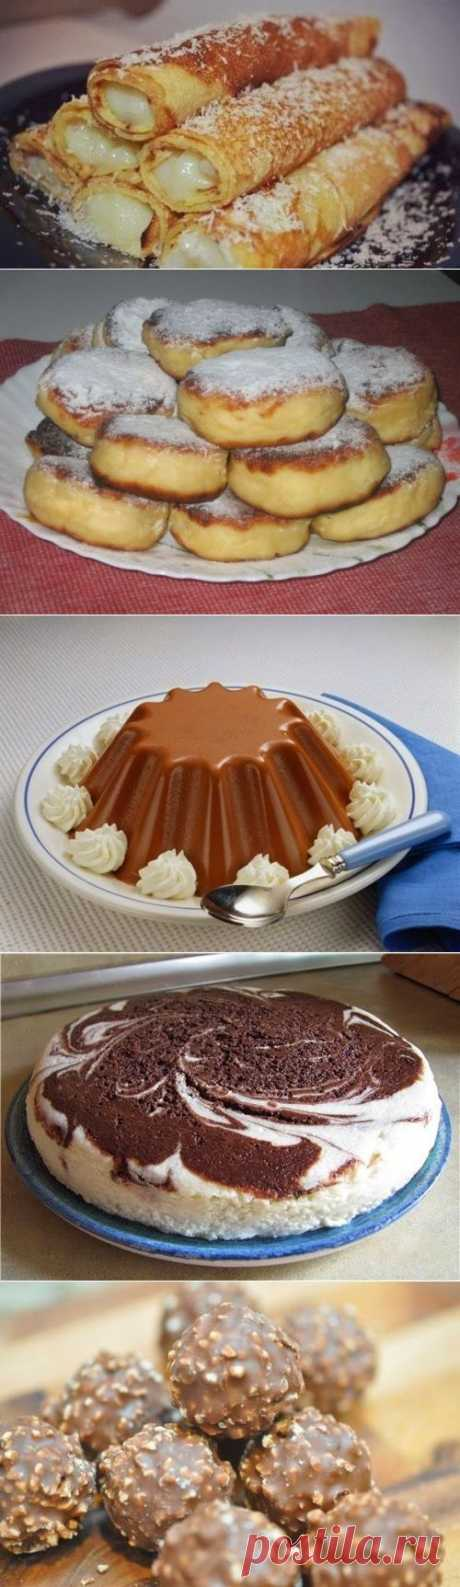 Лучшие кулинарные рецепты: Десерты